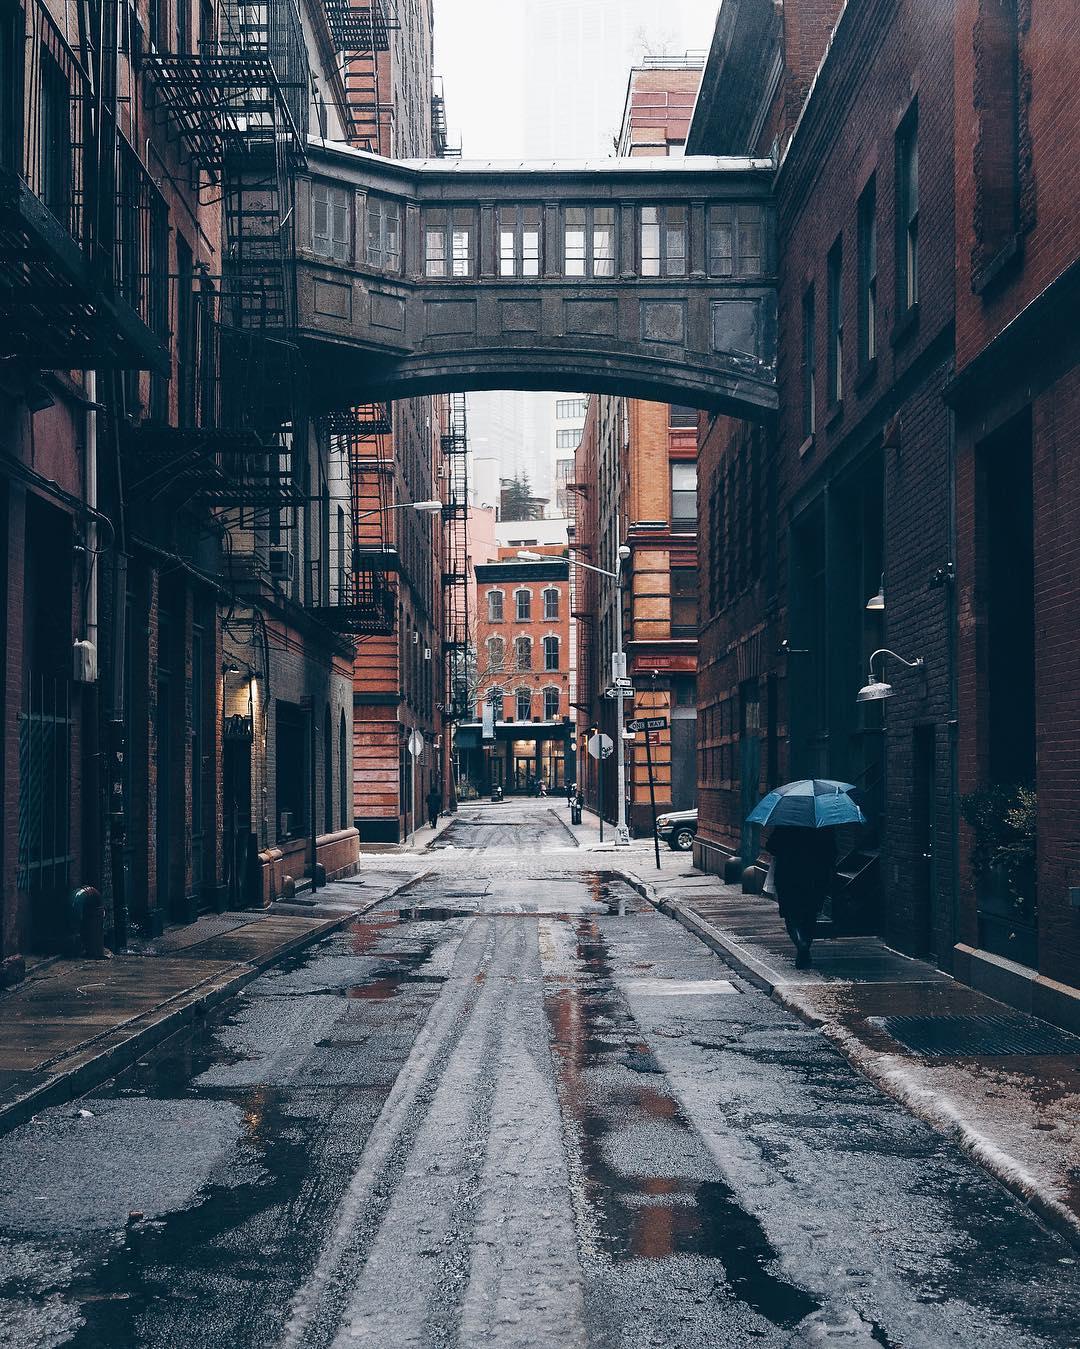 Уличные фотографии в Нью-Йорке лучше всех делает Джефф Силберман! Только взгляните